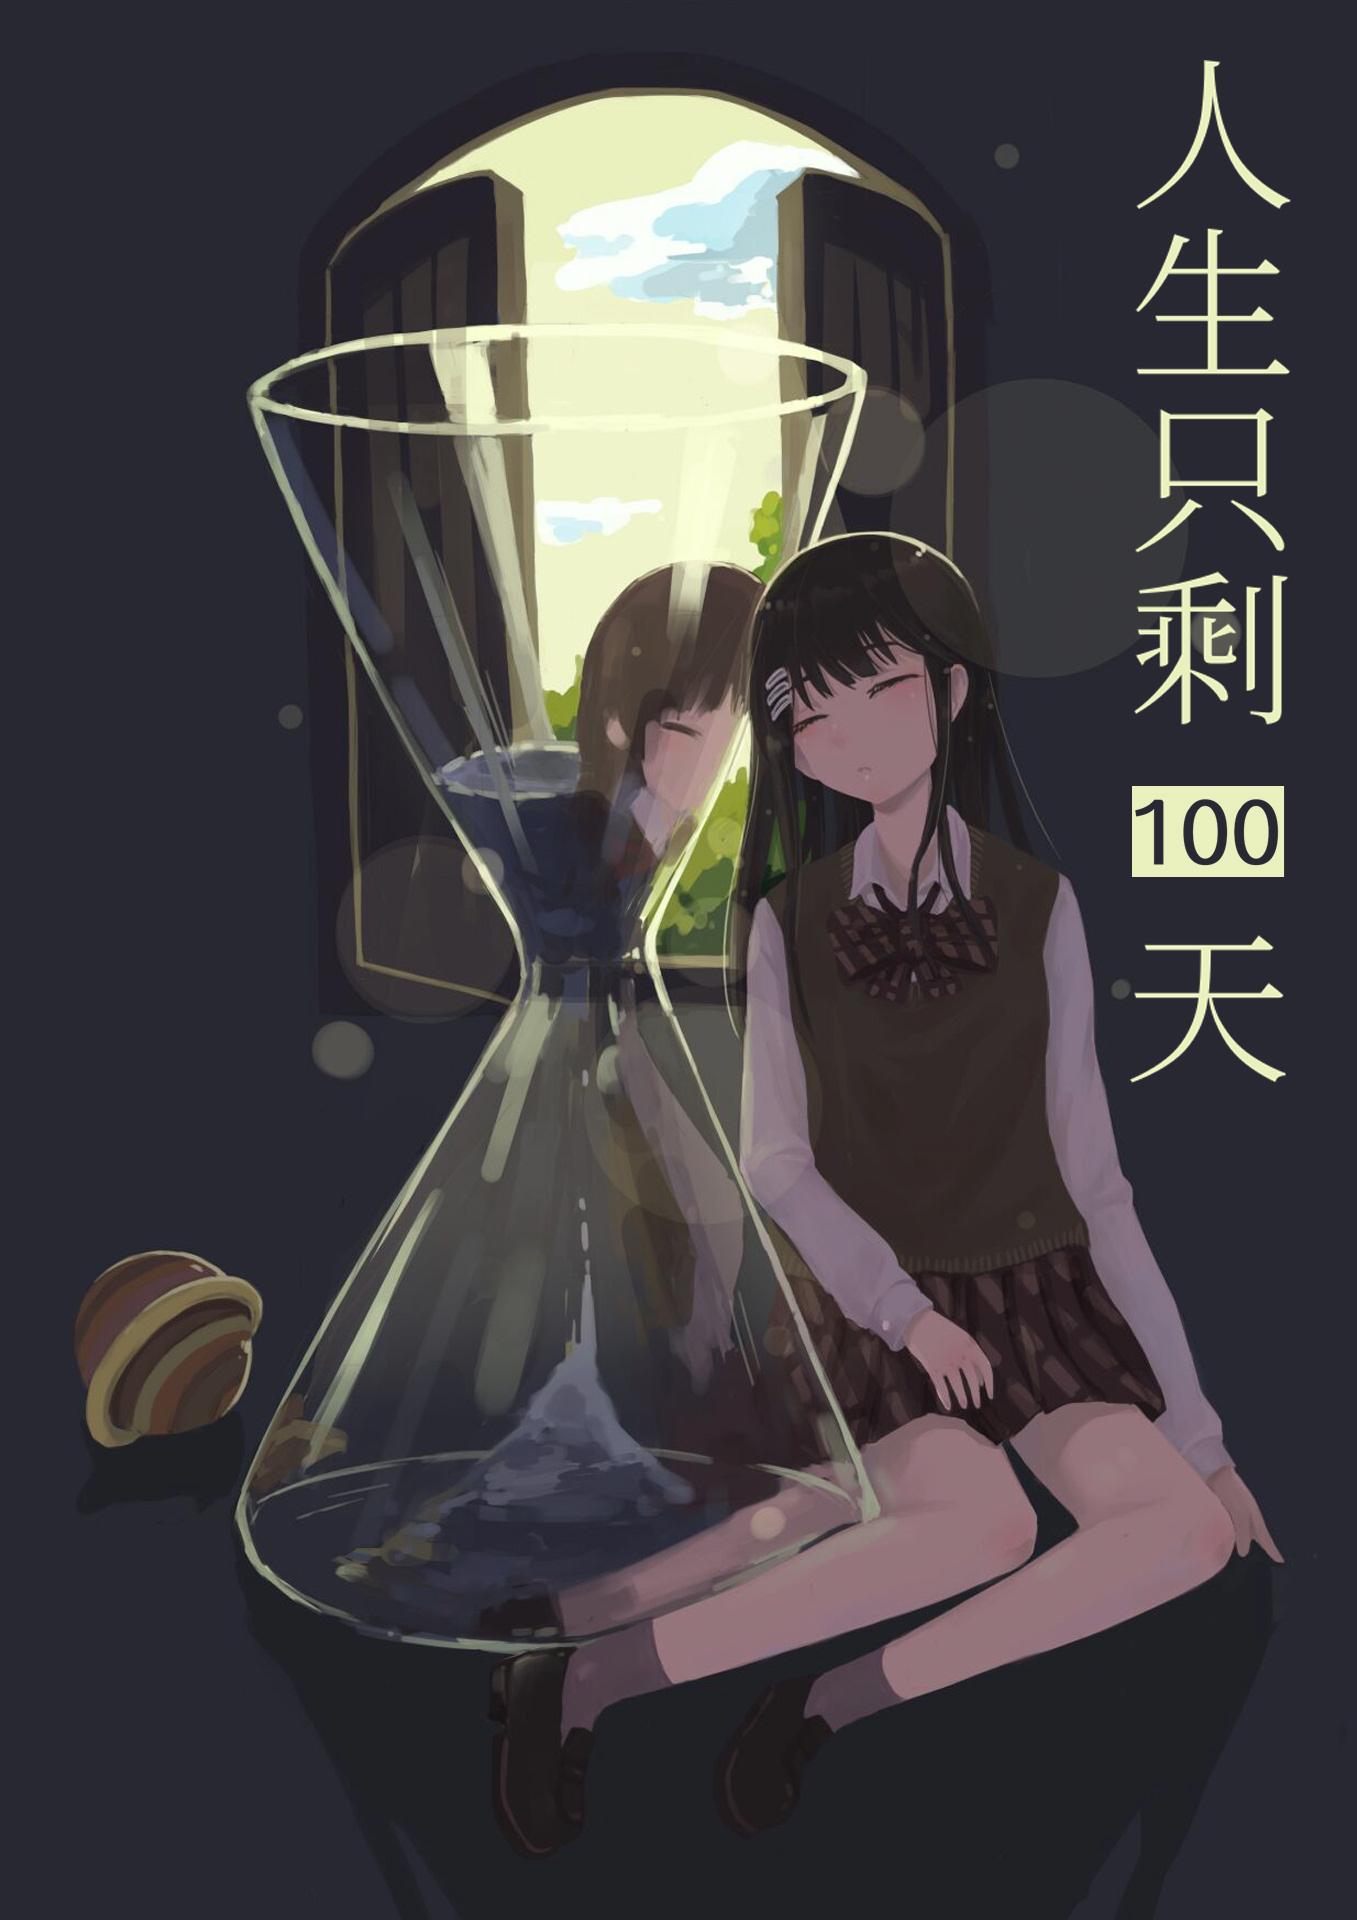 [综漫]人生只剩100天